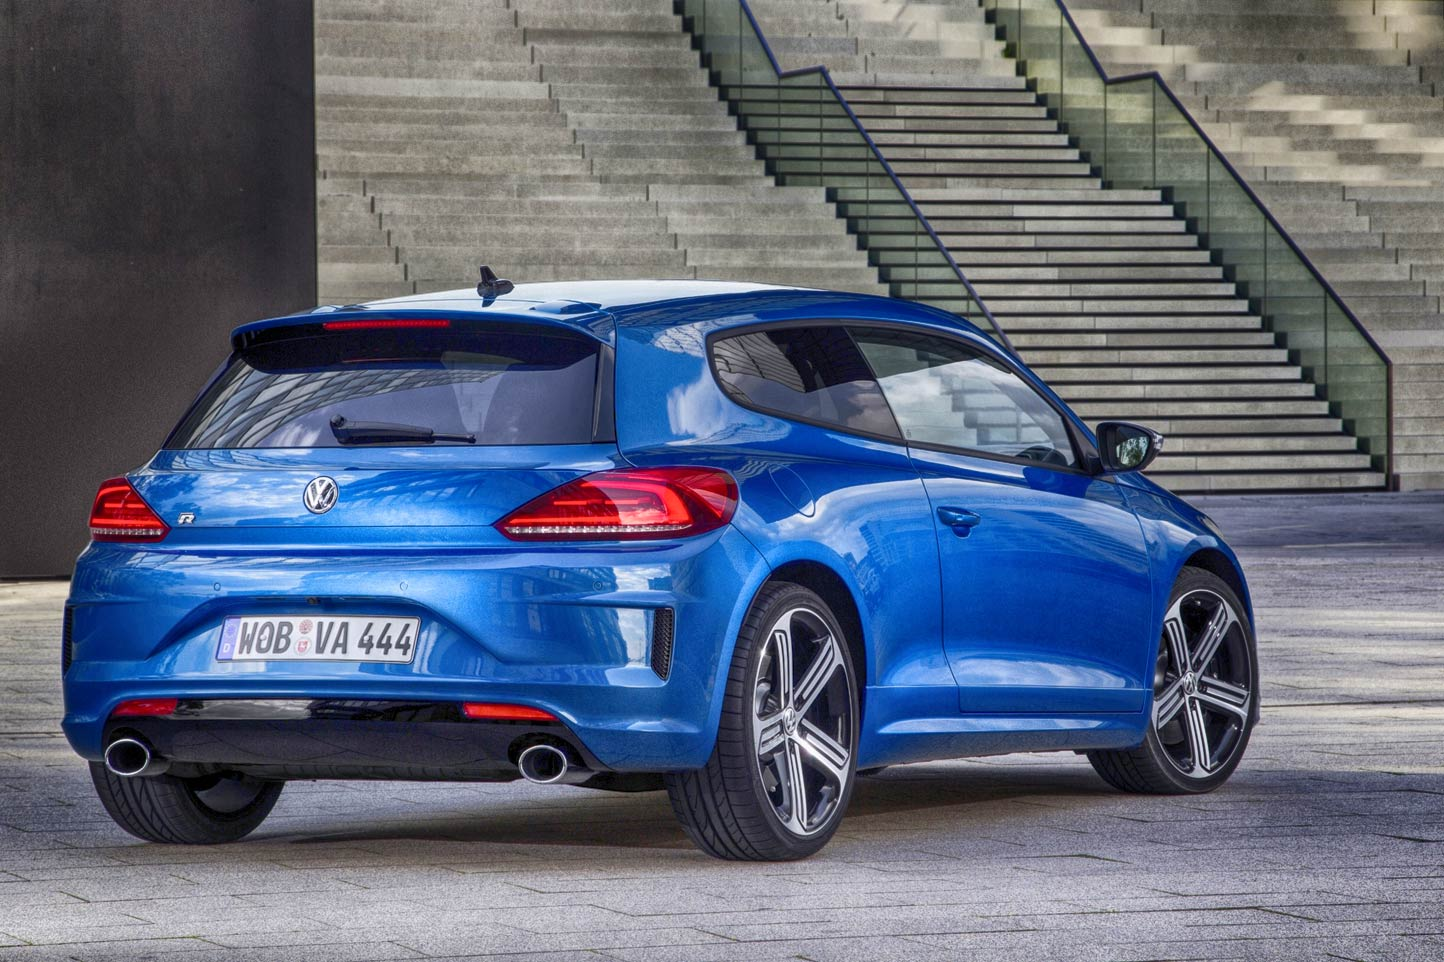 Fiche technique Volkswagen Scirocco R 2017